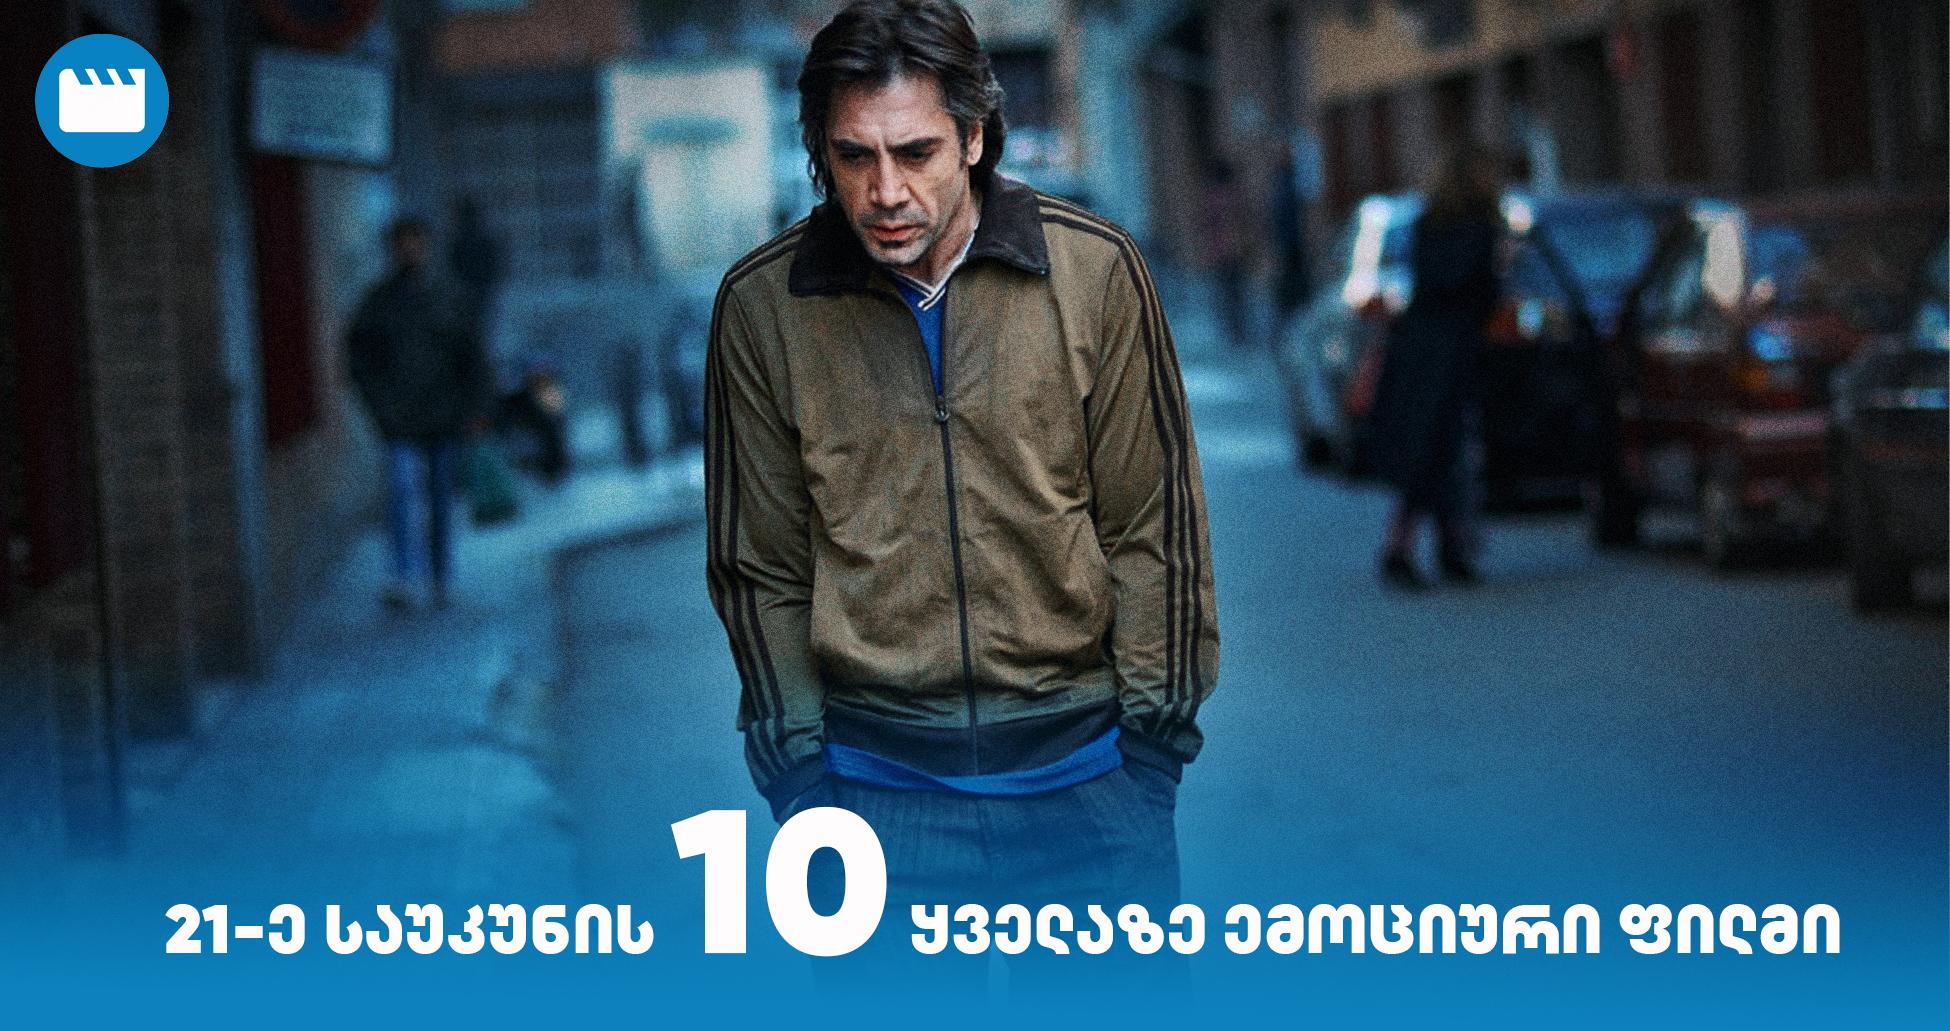 21-ე საუკუნის 10 ყველაზე ემოციური ფილმი